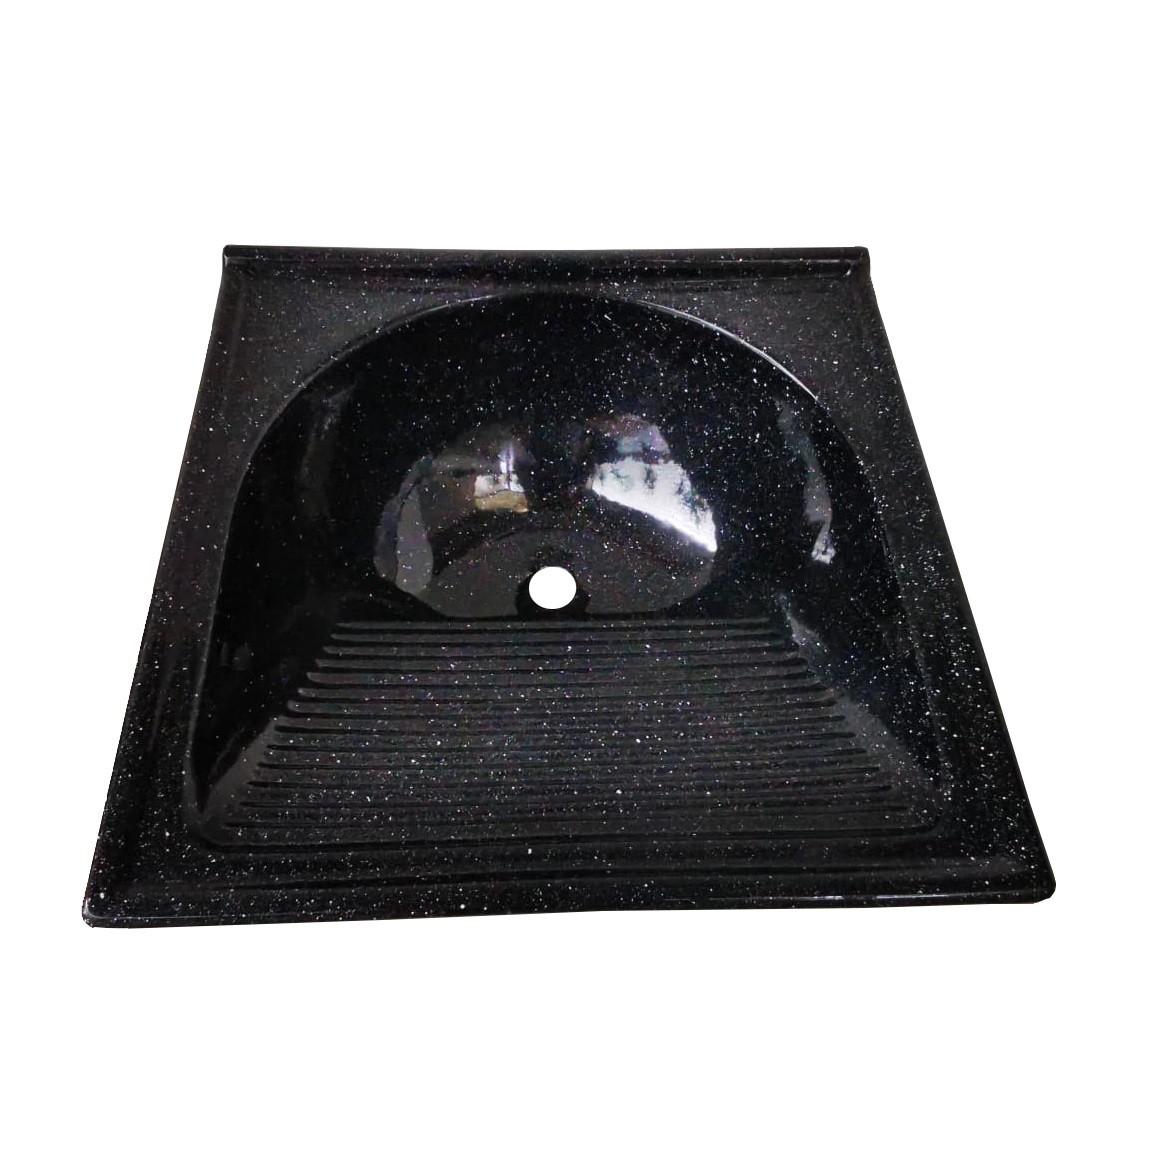 Tanque Fibra Simples 60x60 cm Cinza TM060CN - Decoralita